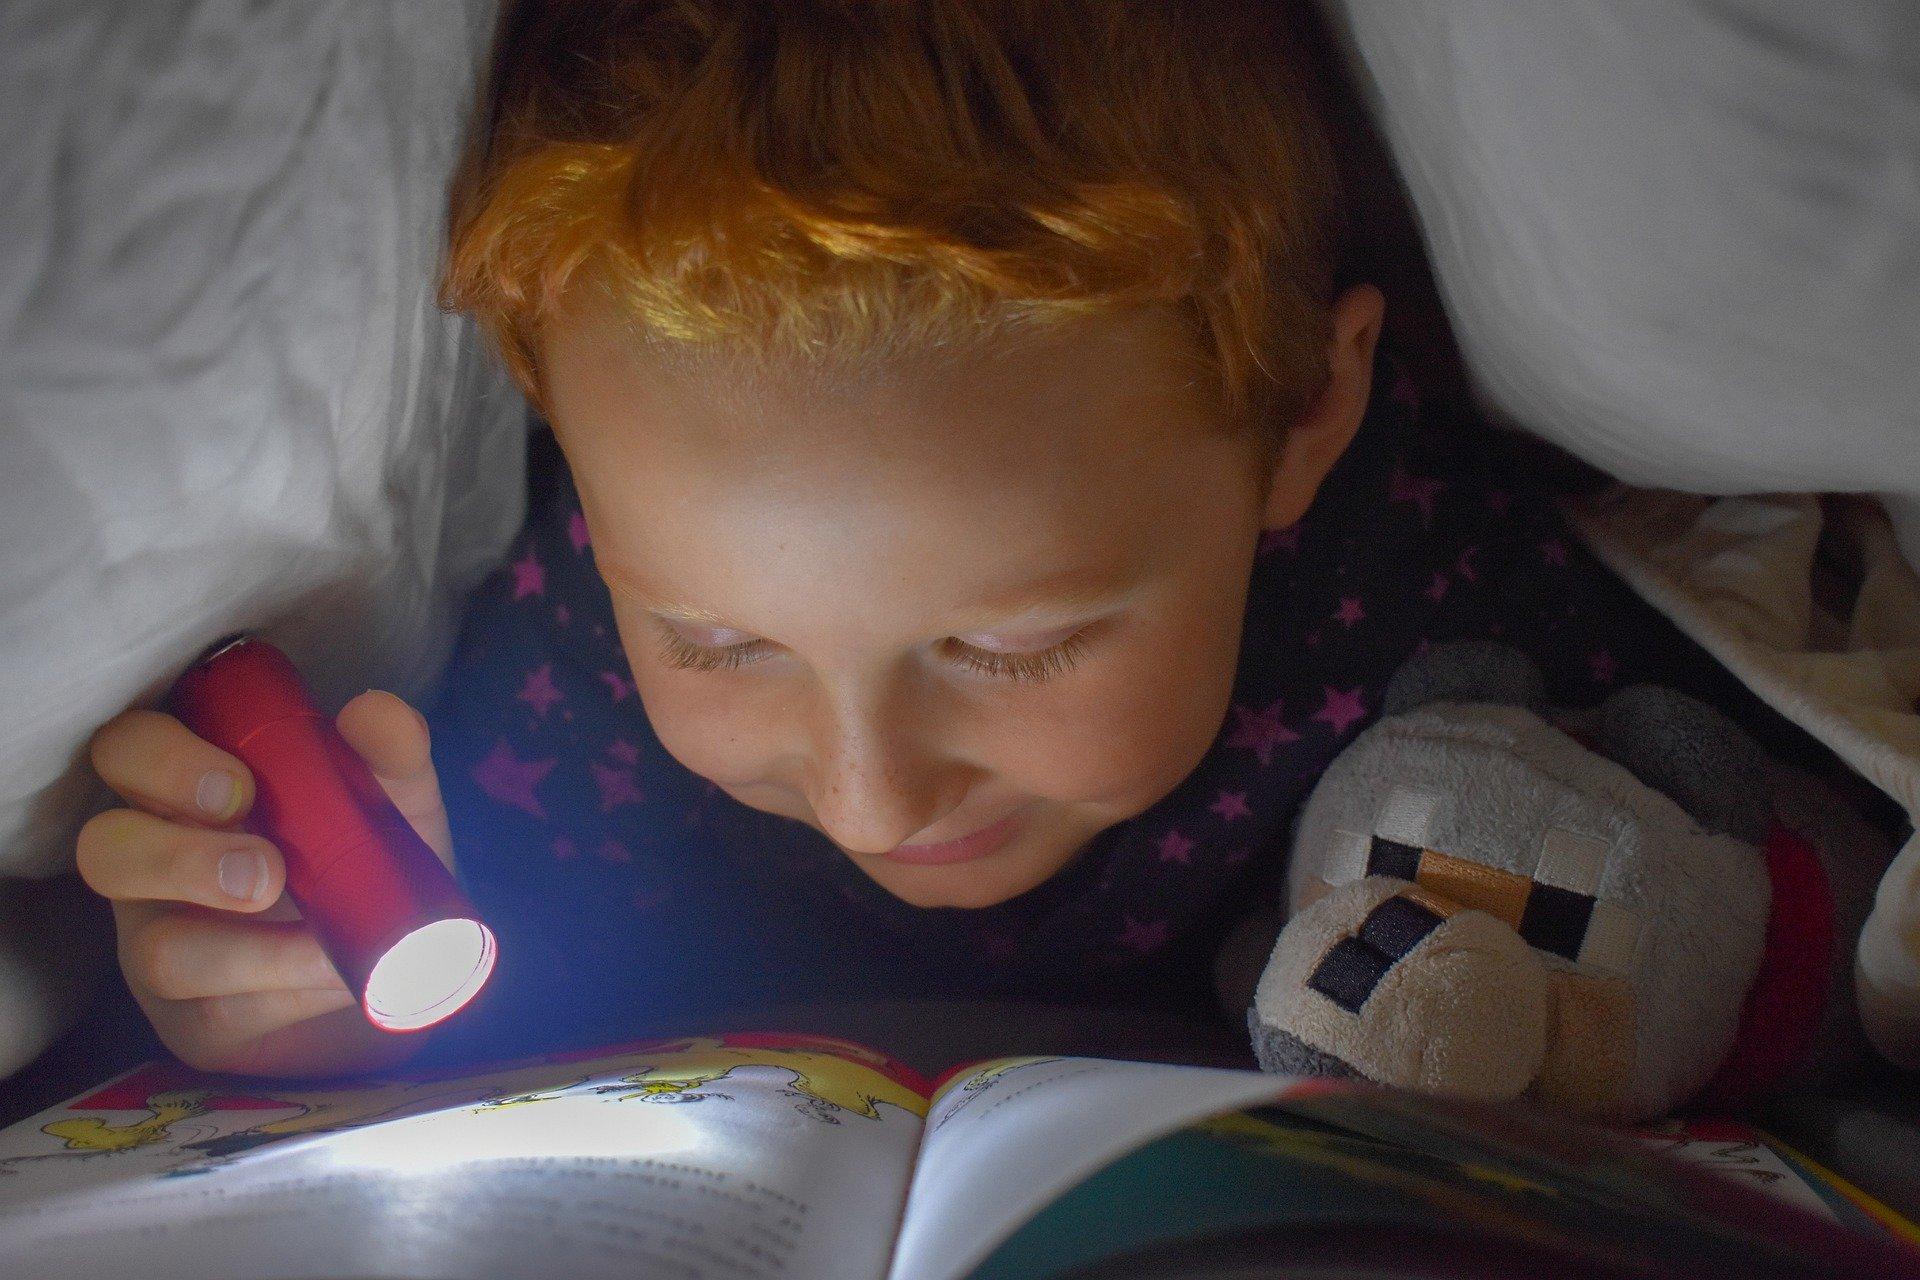 Na foto um menino embaixo das cobertas lendo um livro com uma lanterna na mão.